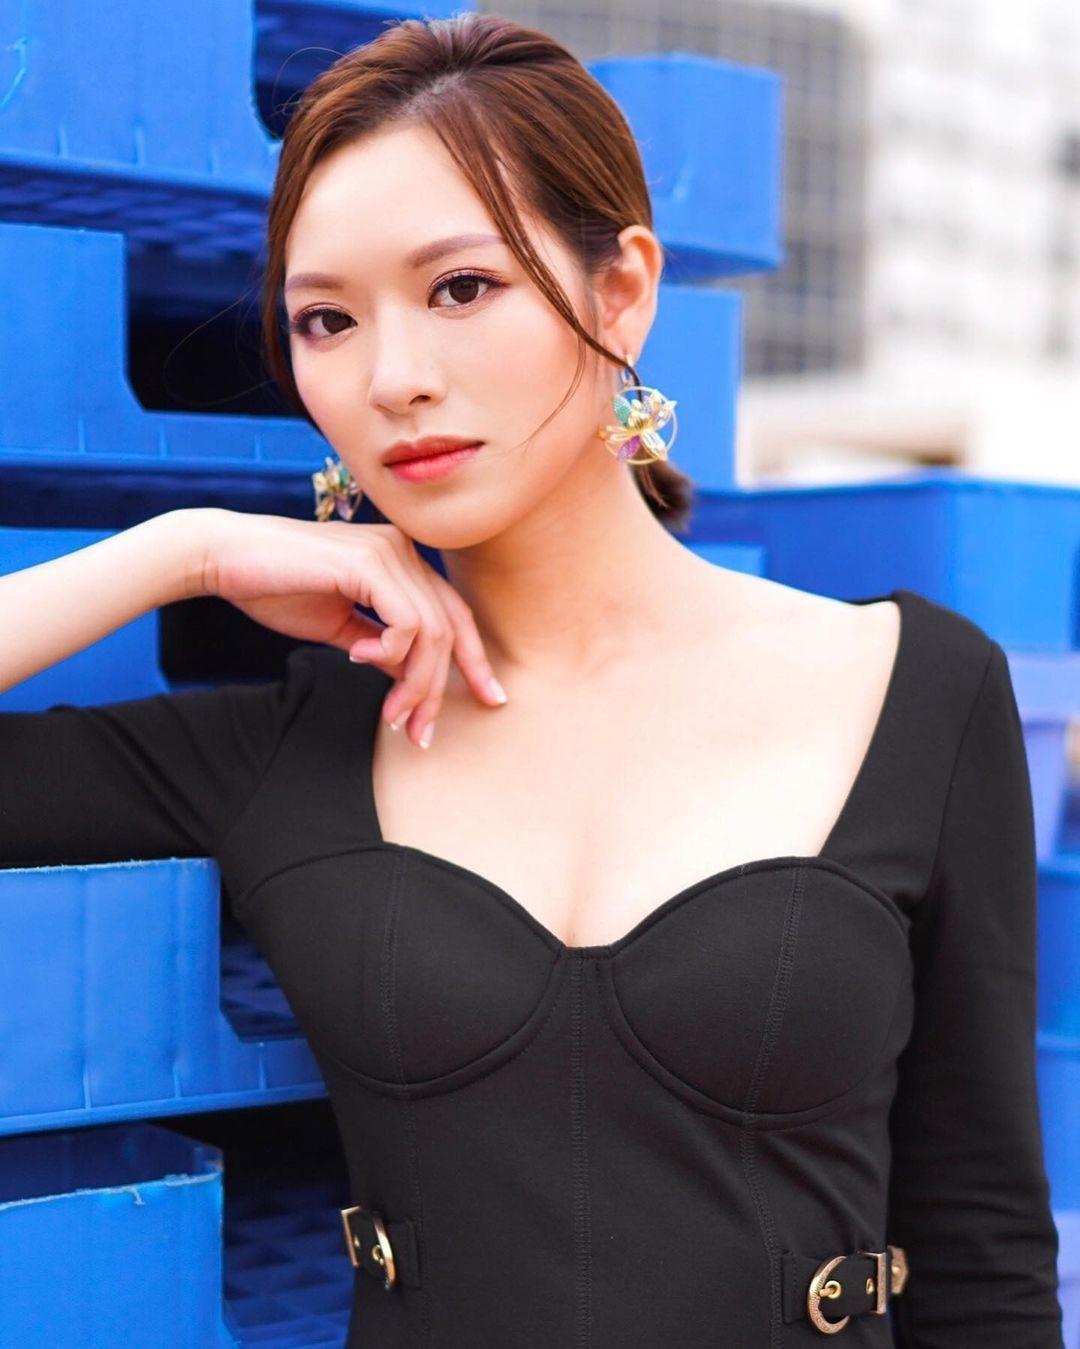 自參選香港小姐獲得冠軍出道以來,馮盈盈一直都是話題人物,